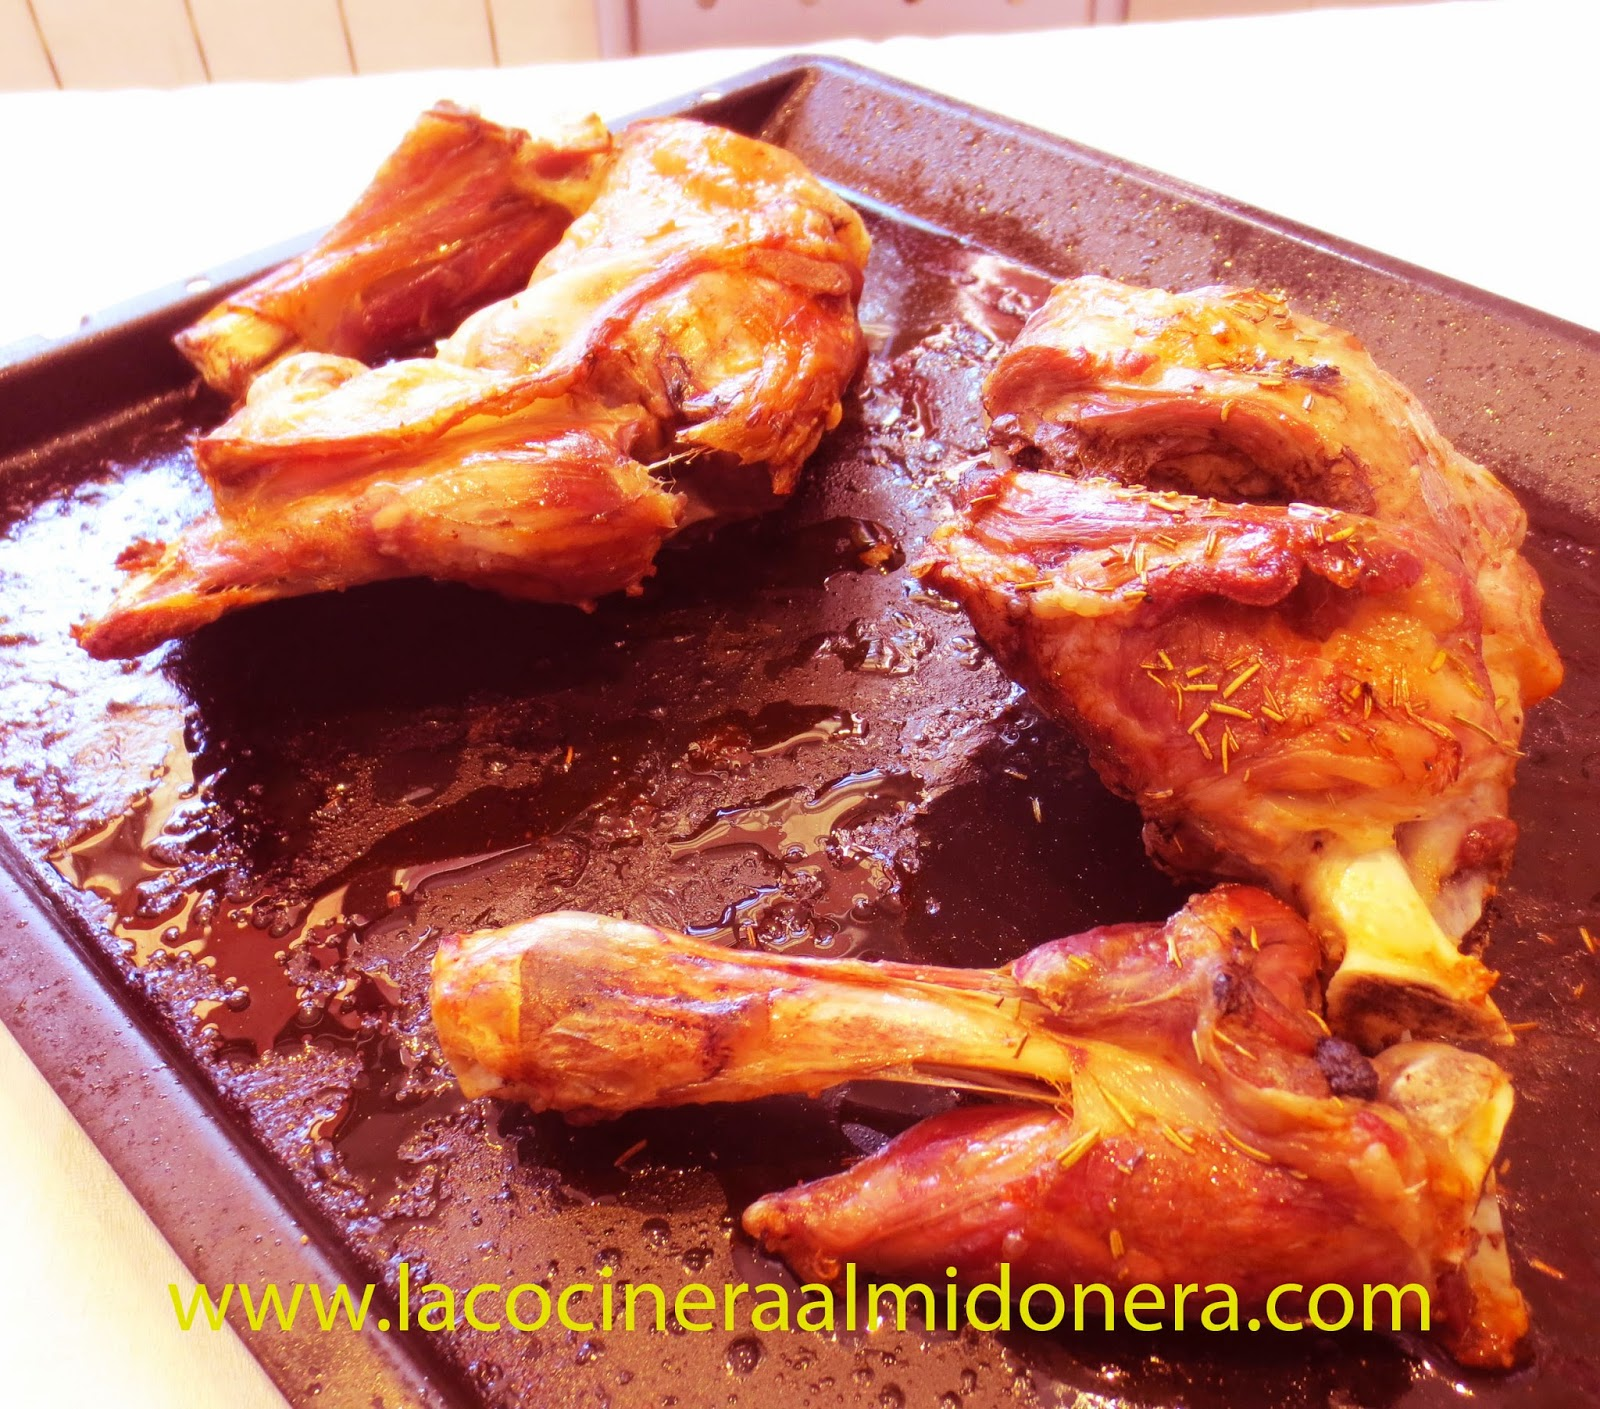 La cocinera almidonera pierna de cordero lechal al horno - Pierna de cordero lechal ...